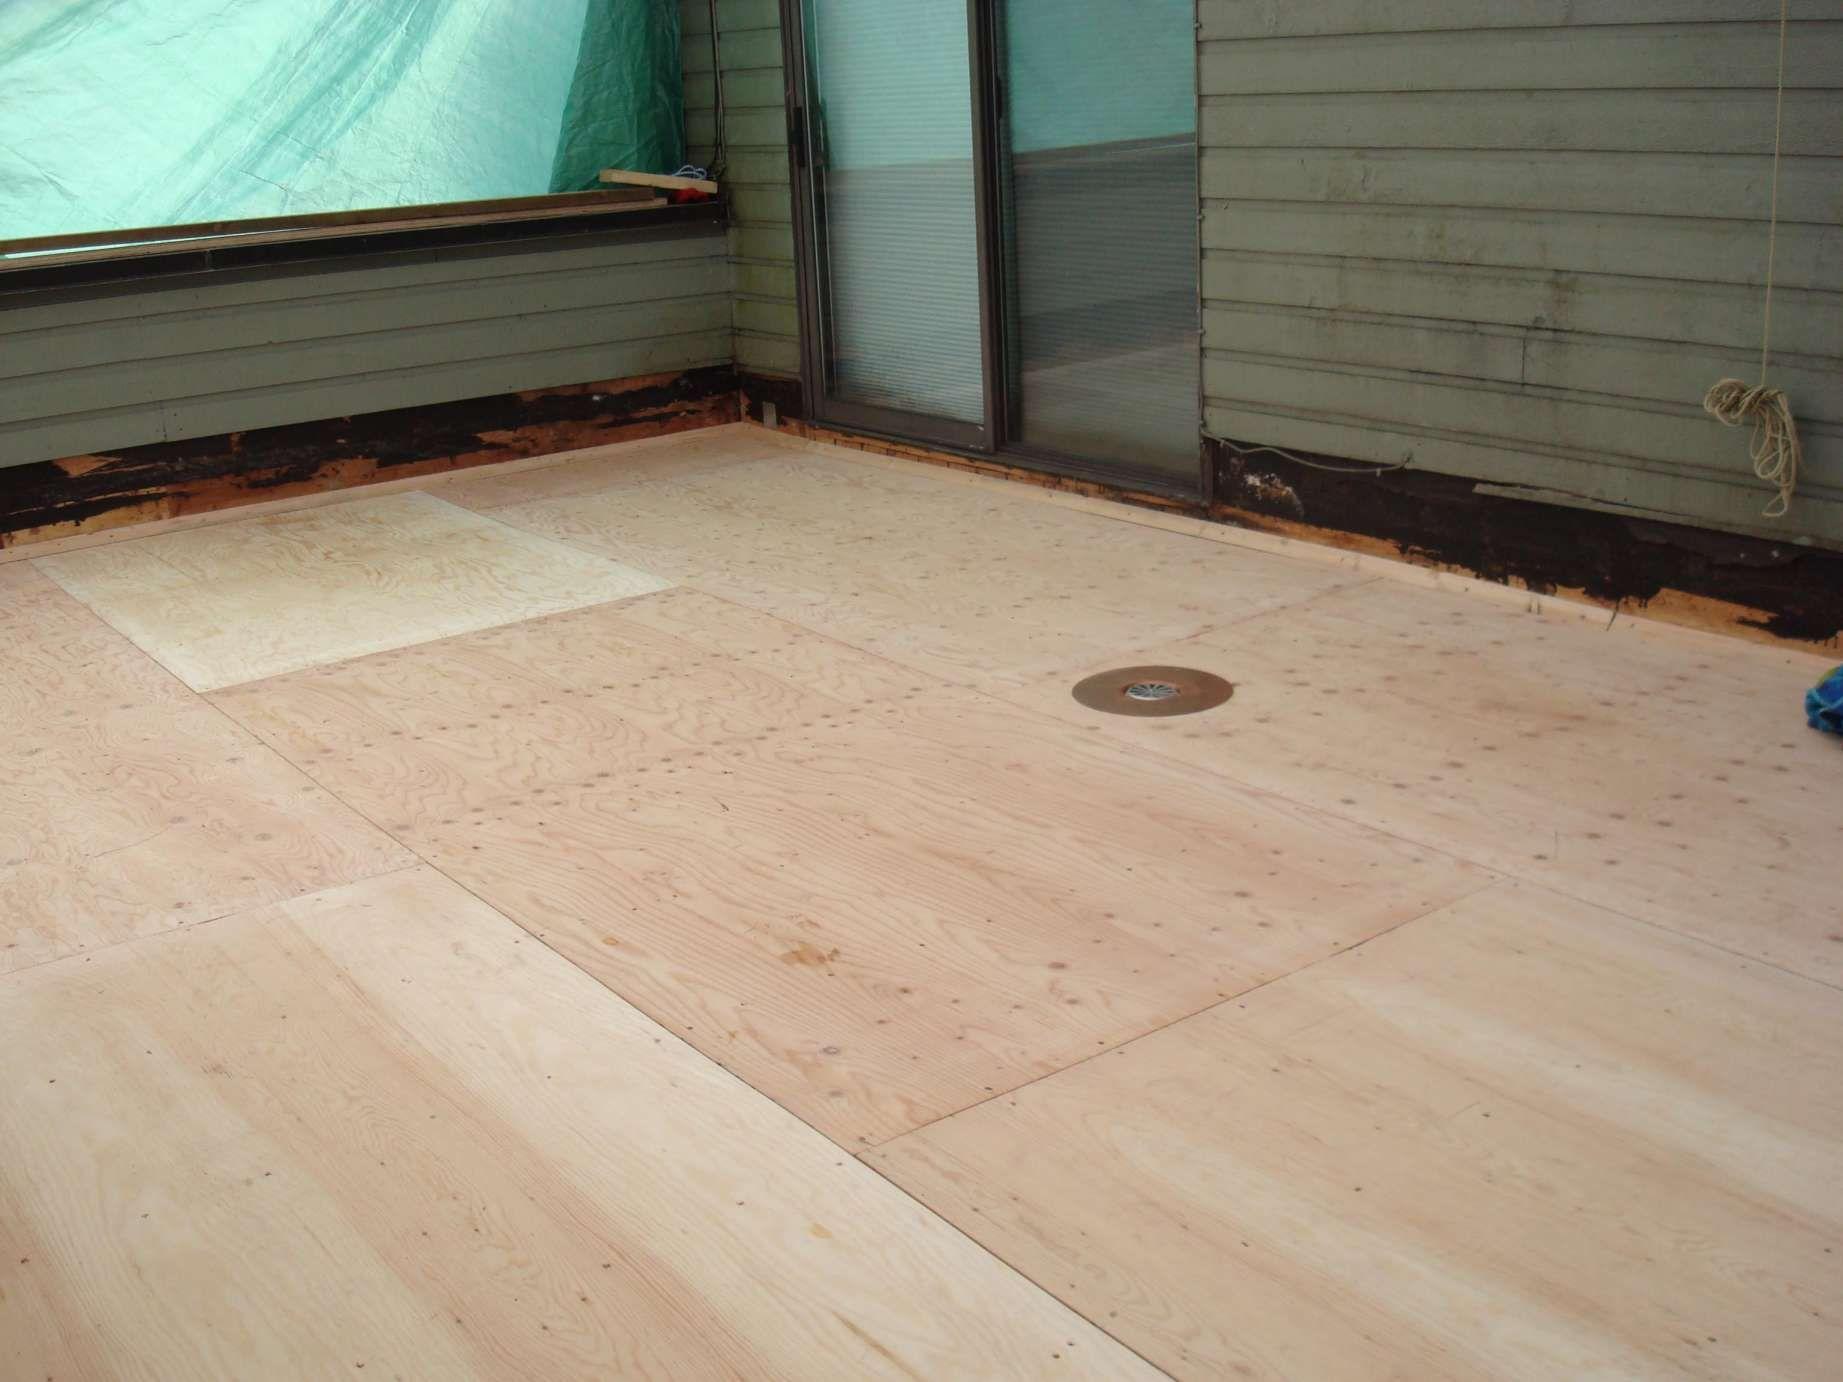 how to waterproof plywood subfloor